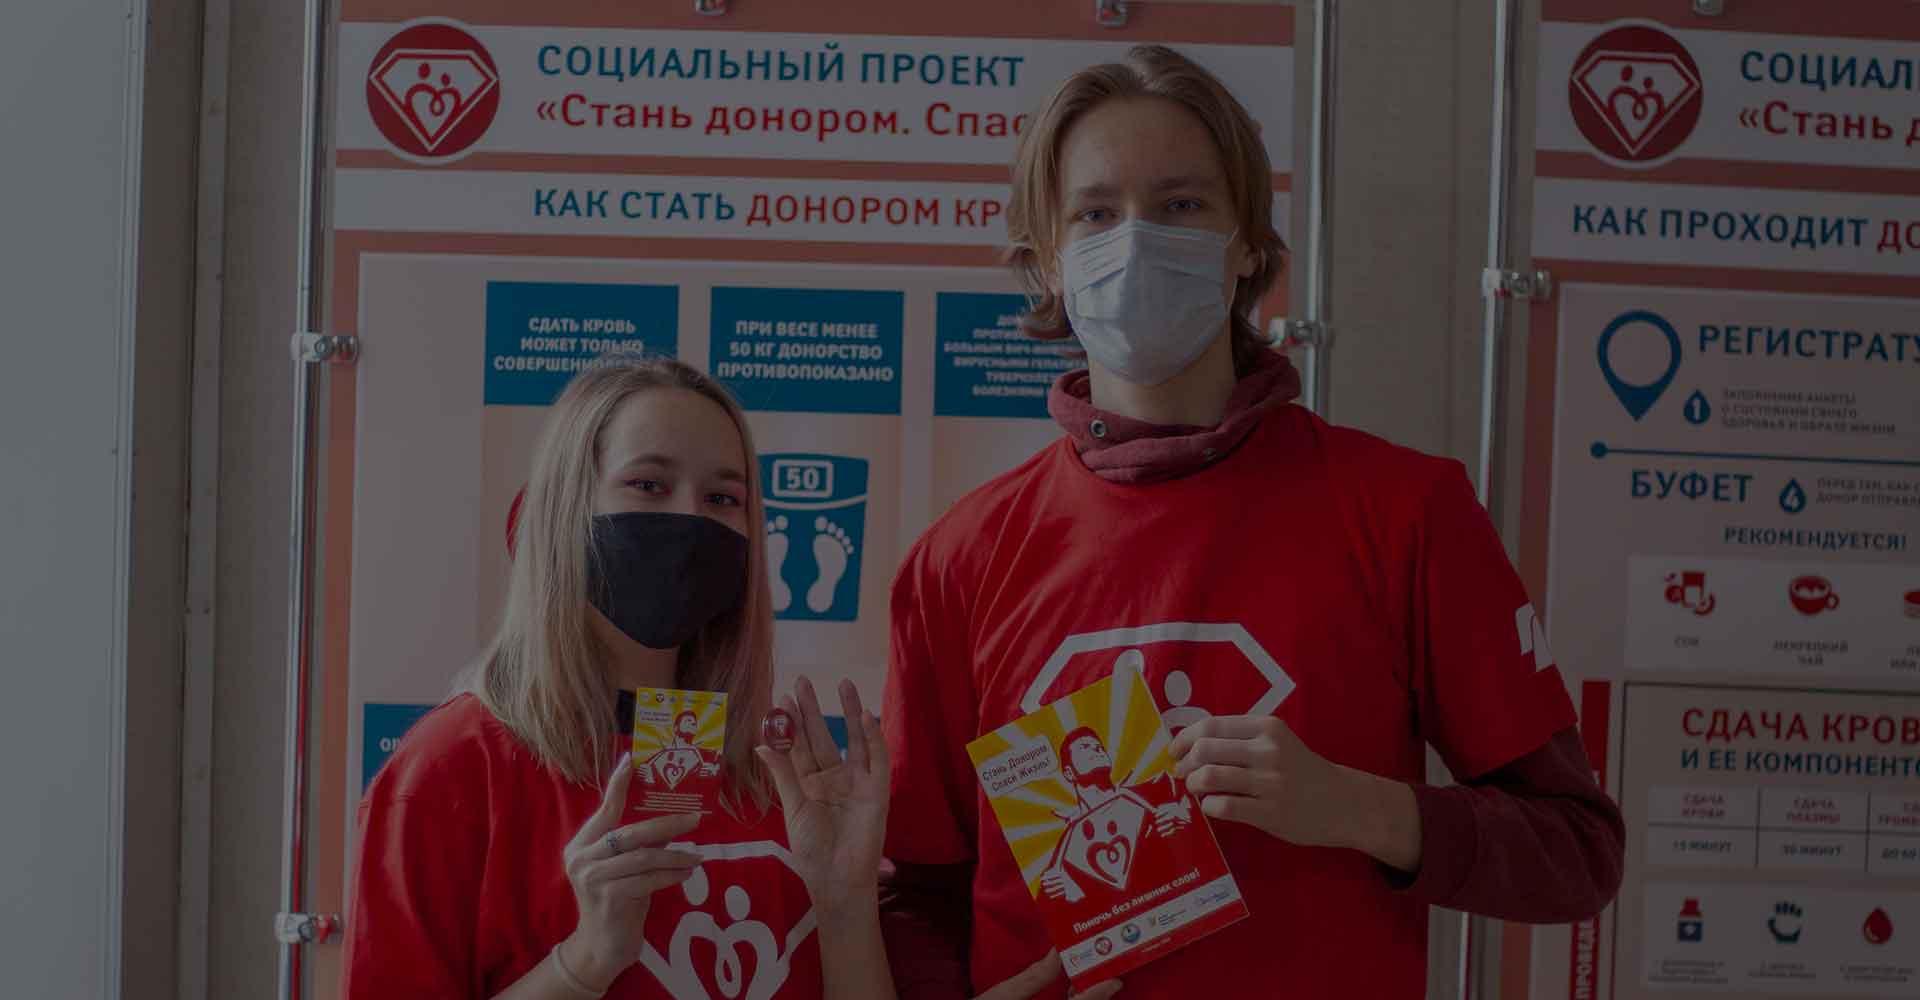 Конкурс социальной рекламы «Стань Донором. Спаси Жизнь!»